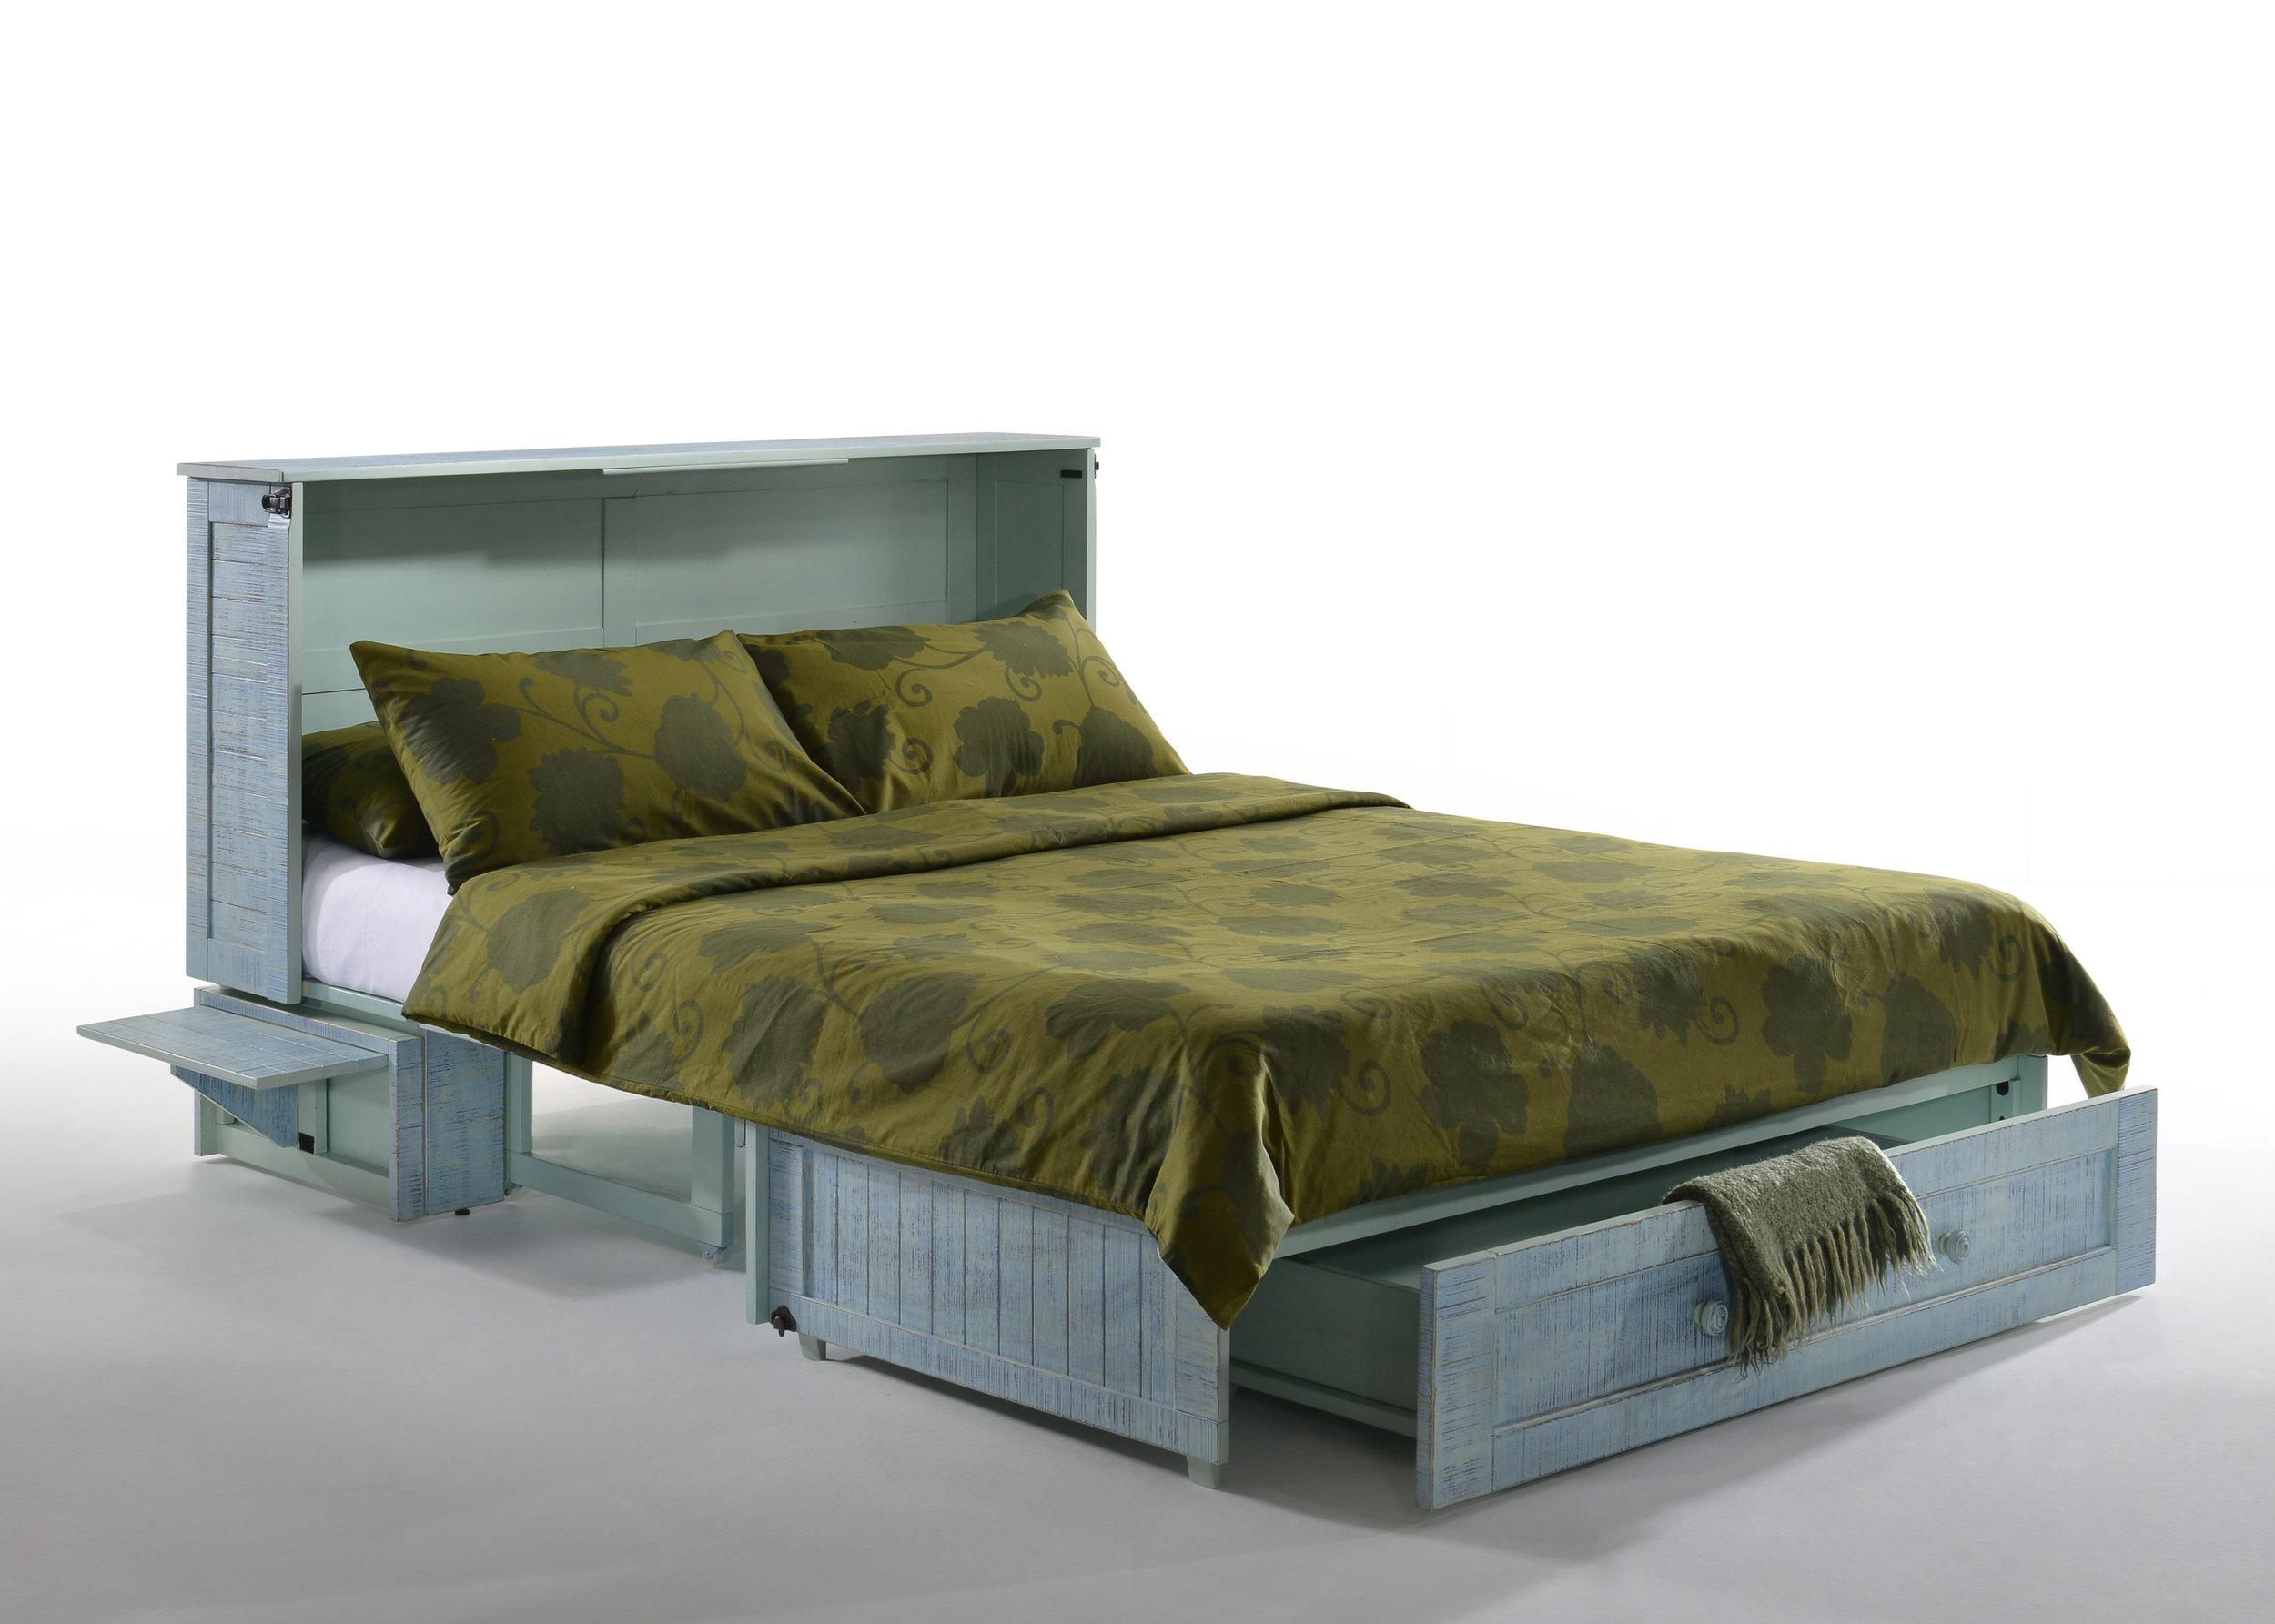 Poppy Skye Murphy Cabinet Bed By Night